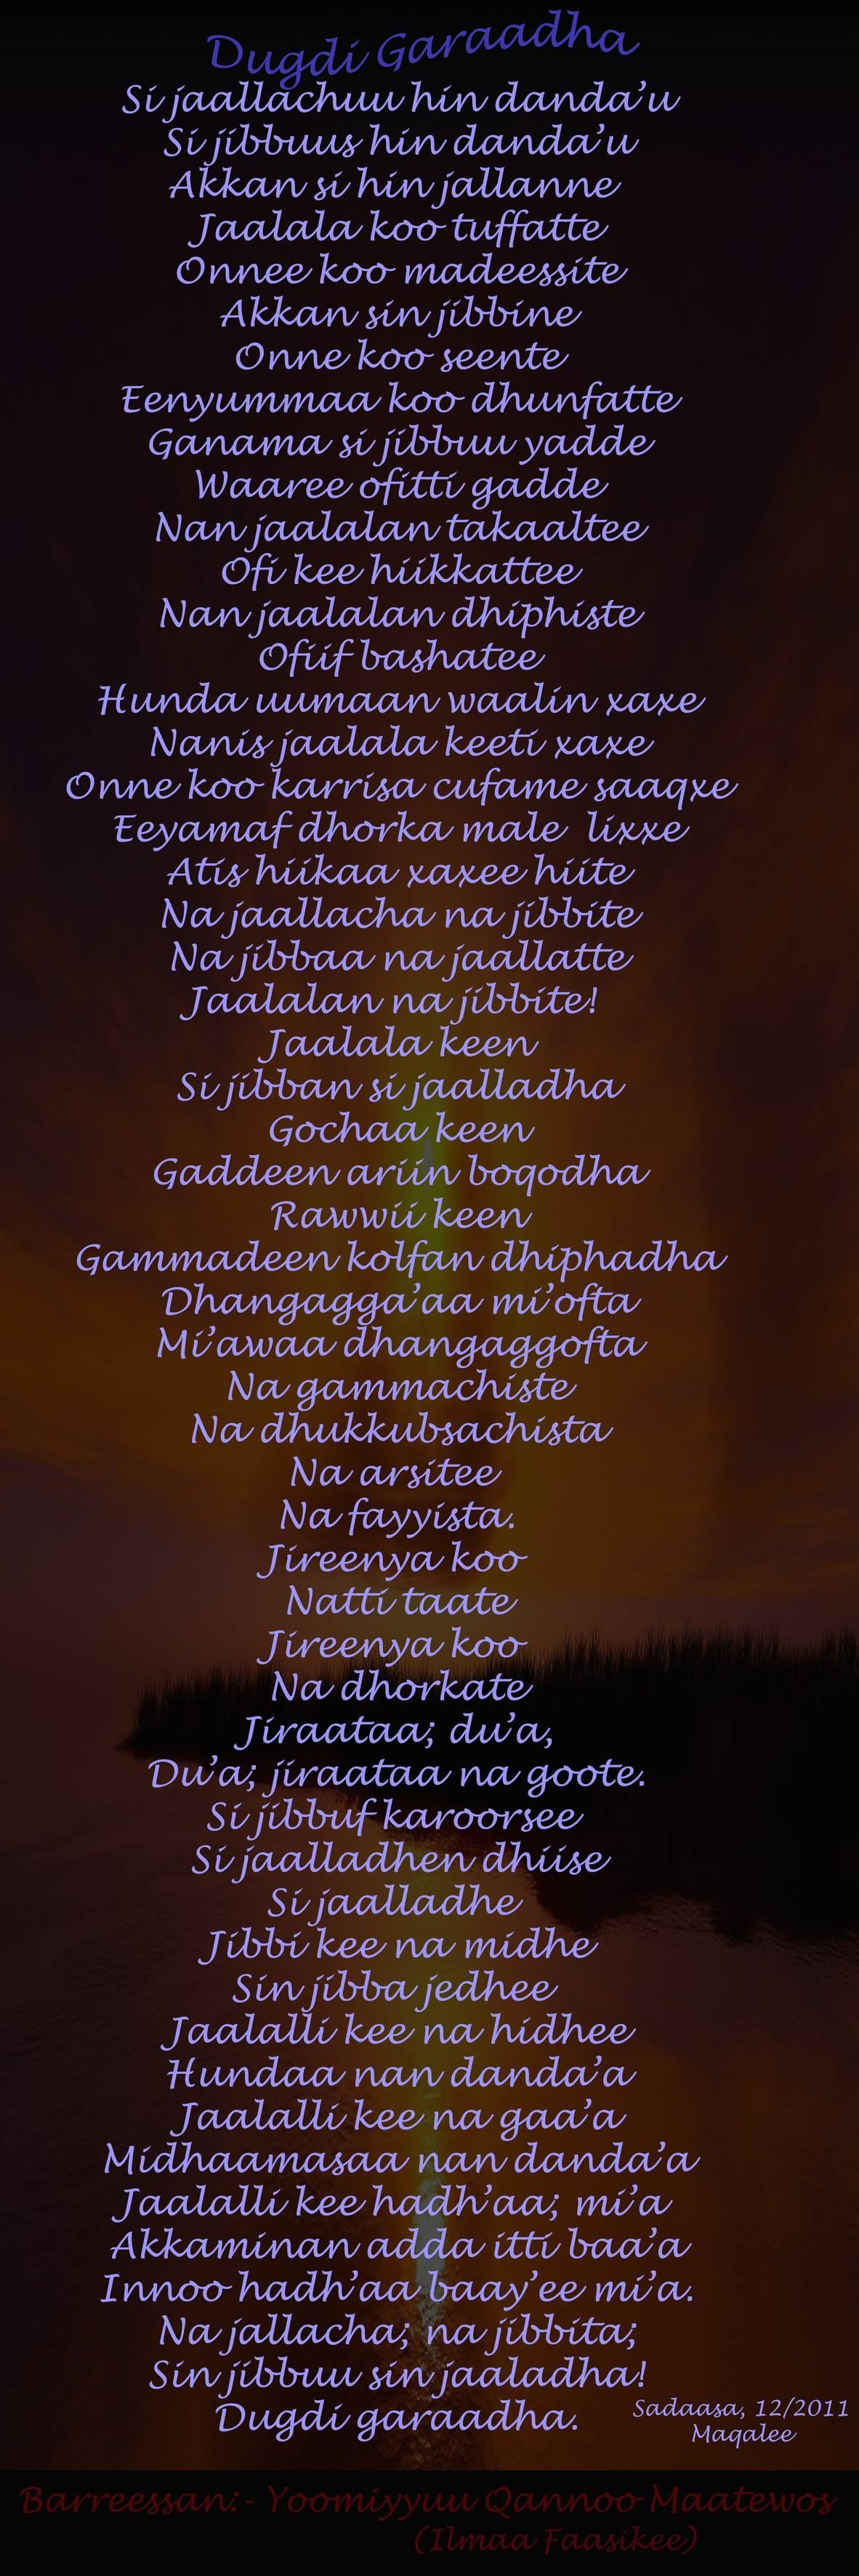 Poems In Oromo Walaloo Afaan Oromo Dugdi Garaadha The Back Is